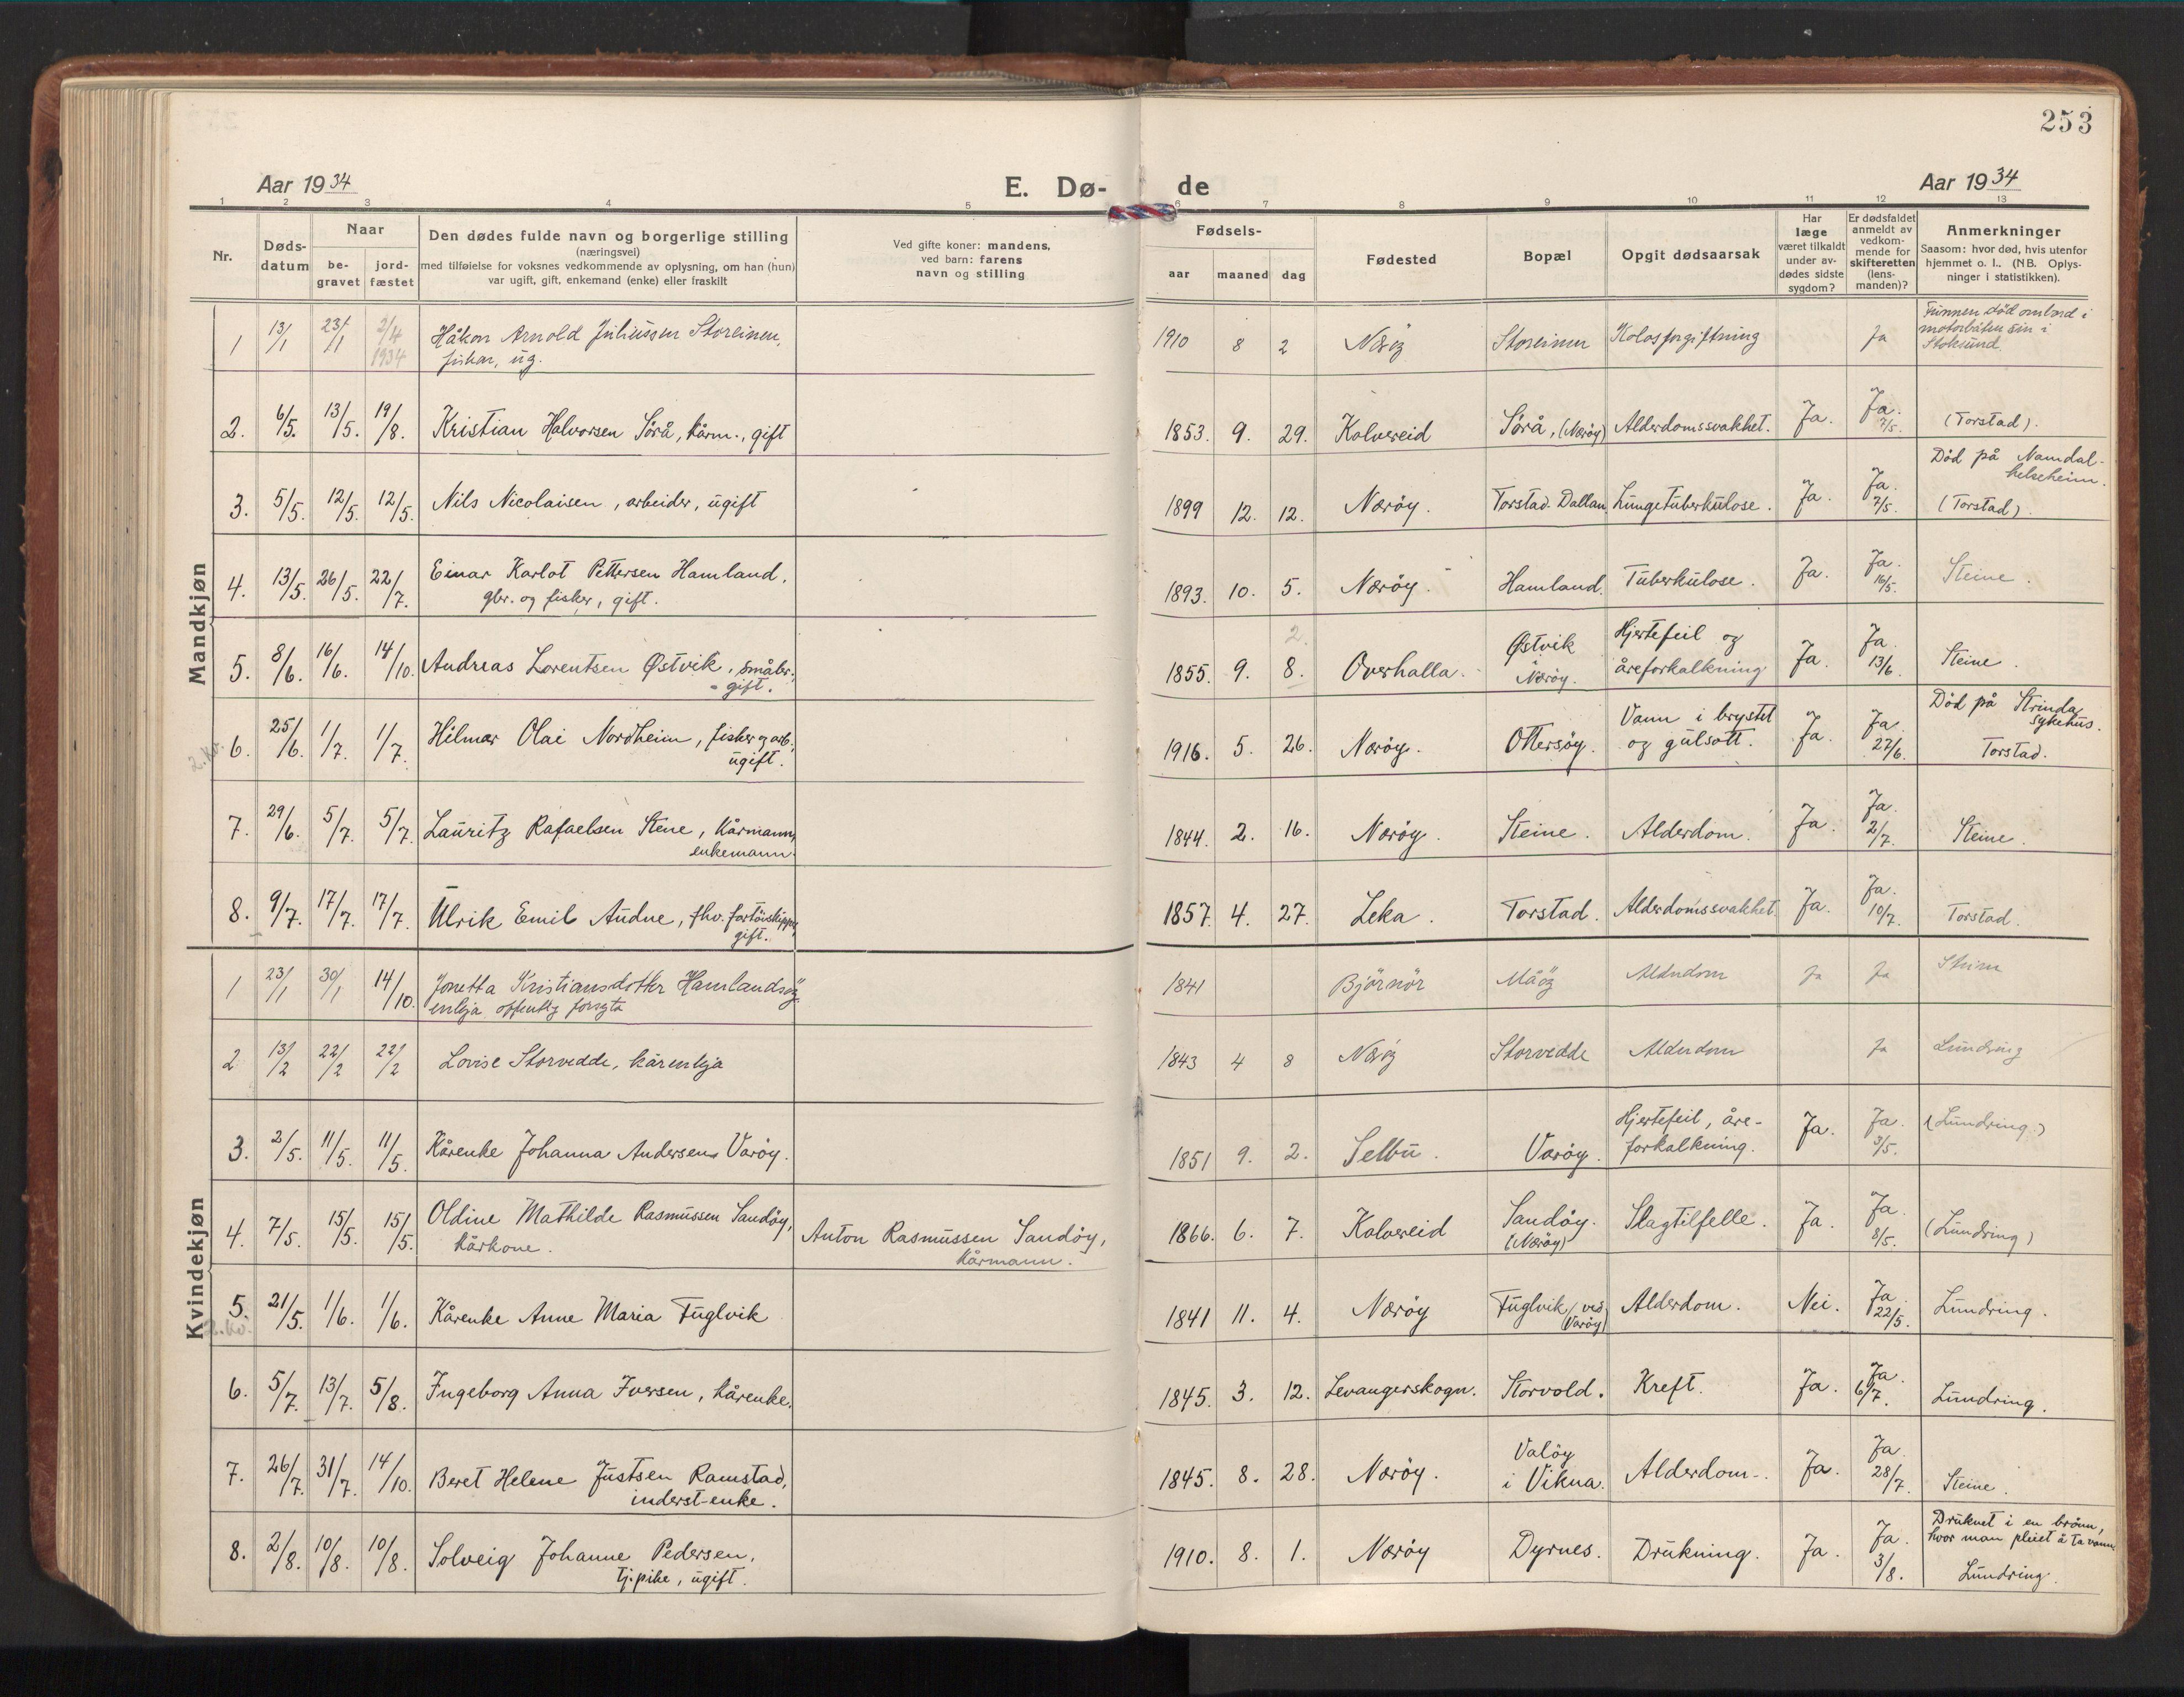 SAT, Ministerialprotokoller, klokkerbøker og fødselsregistre - Nord-Trøndelag, 784/L0678: Ministerialbok nr. 784A13, 1921-1938, s. 253